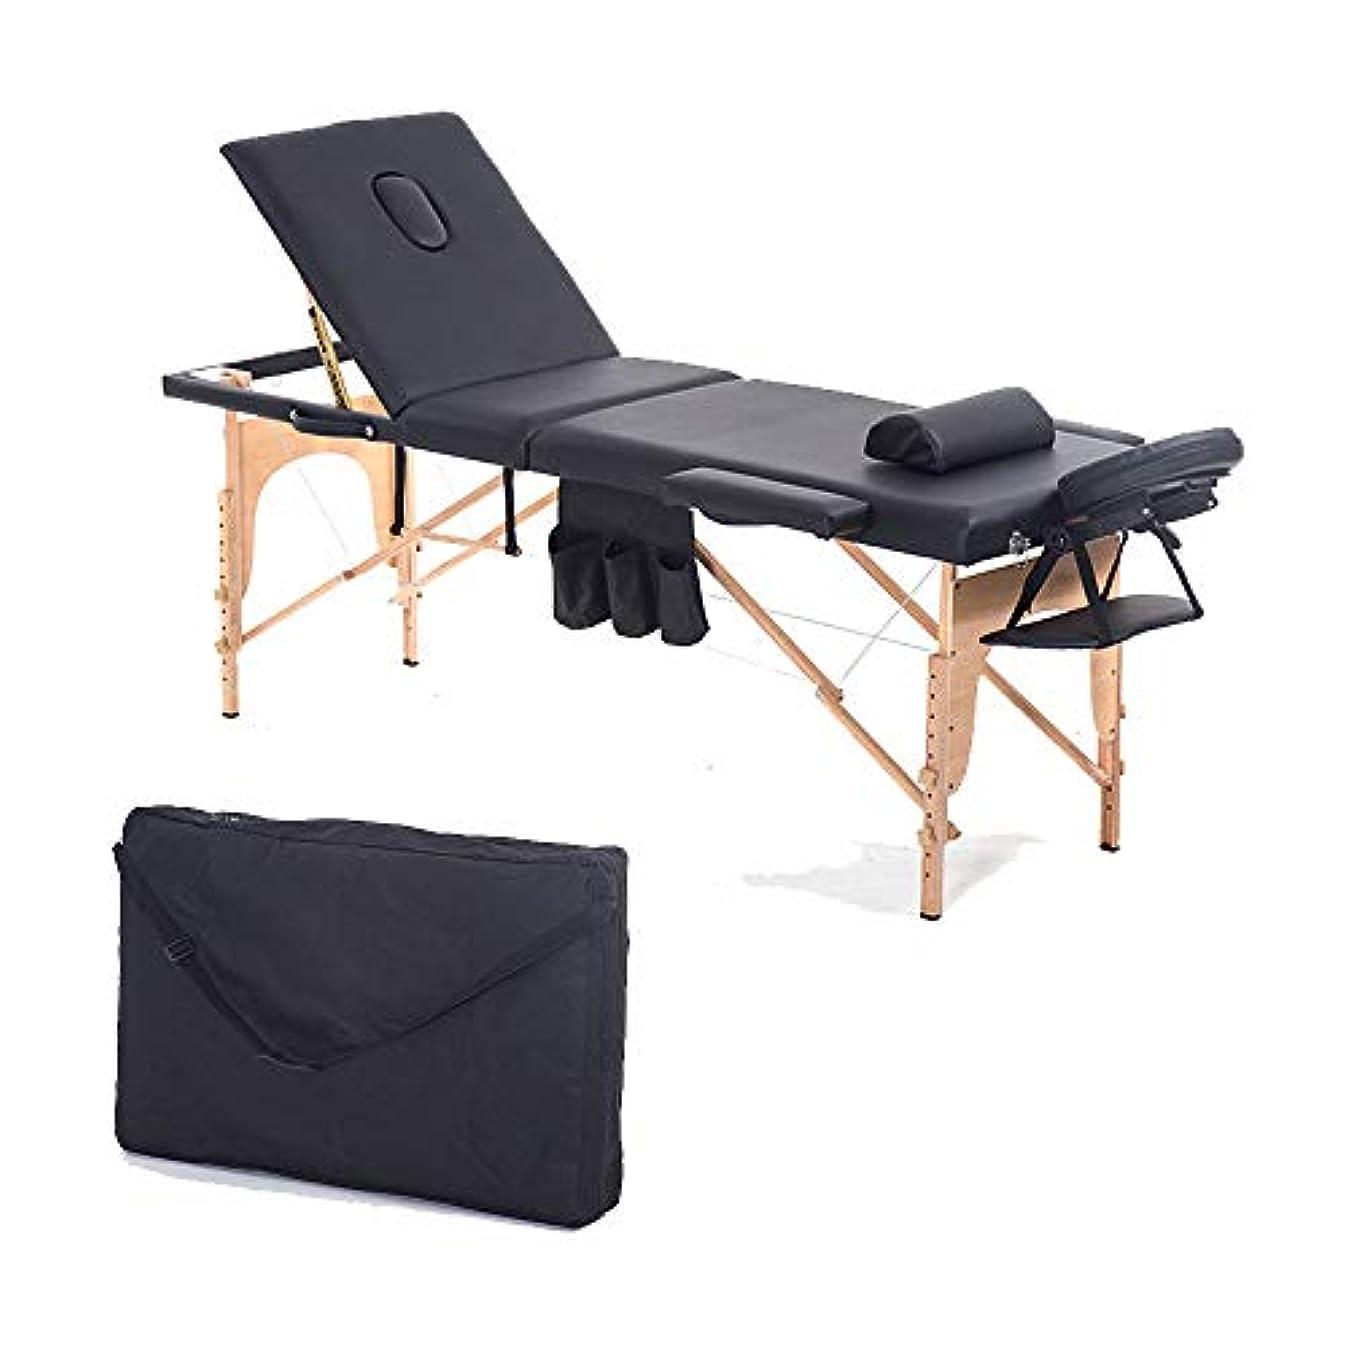 長いです植物学者練る3節マッサージベッドポータブルサロン家具木製ベッド折り畳み式のビューティーボディ?フェイシャル?スパタトゥータイマッサージベッド